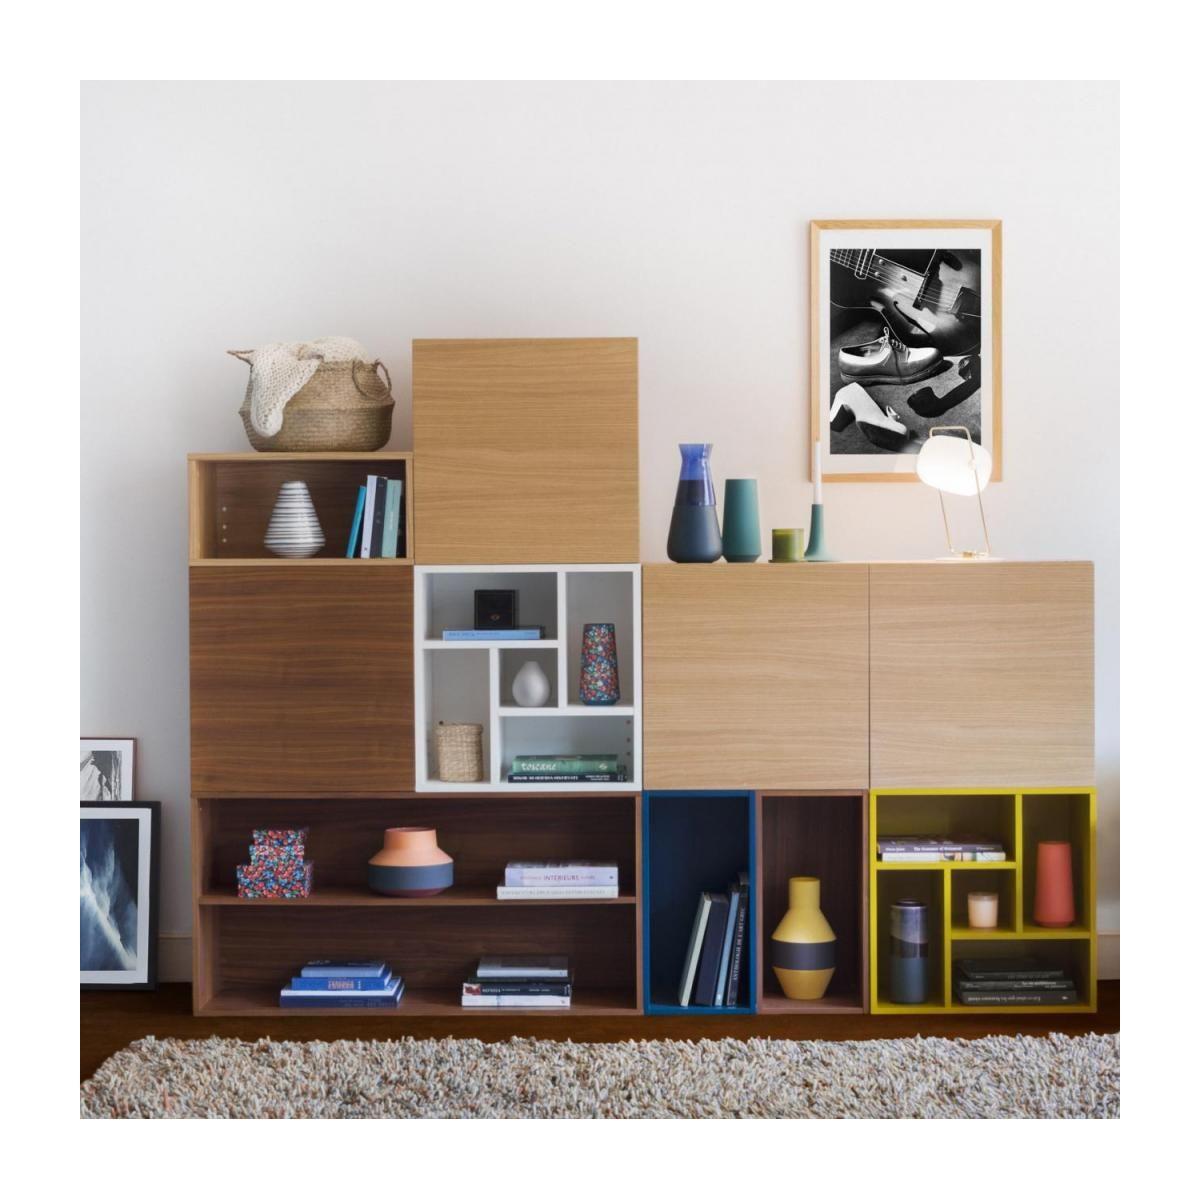 Macao Caisson Cube Ouvert Jaune Design By Helena Pille Meuble Habitat Meuble Cube Mobilier De Salon